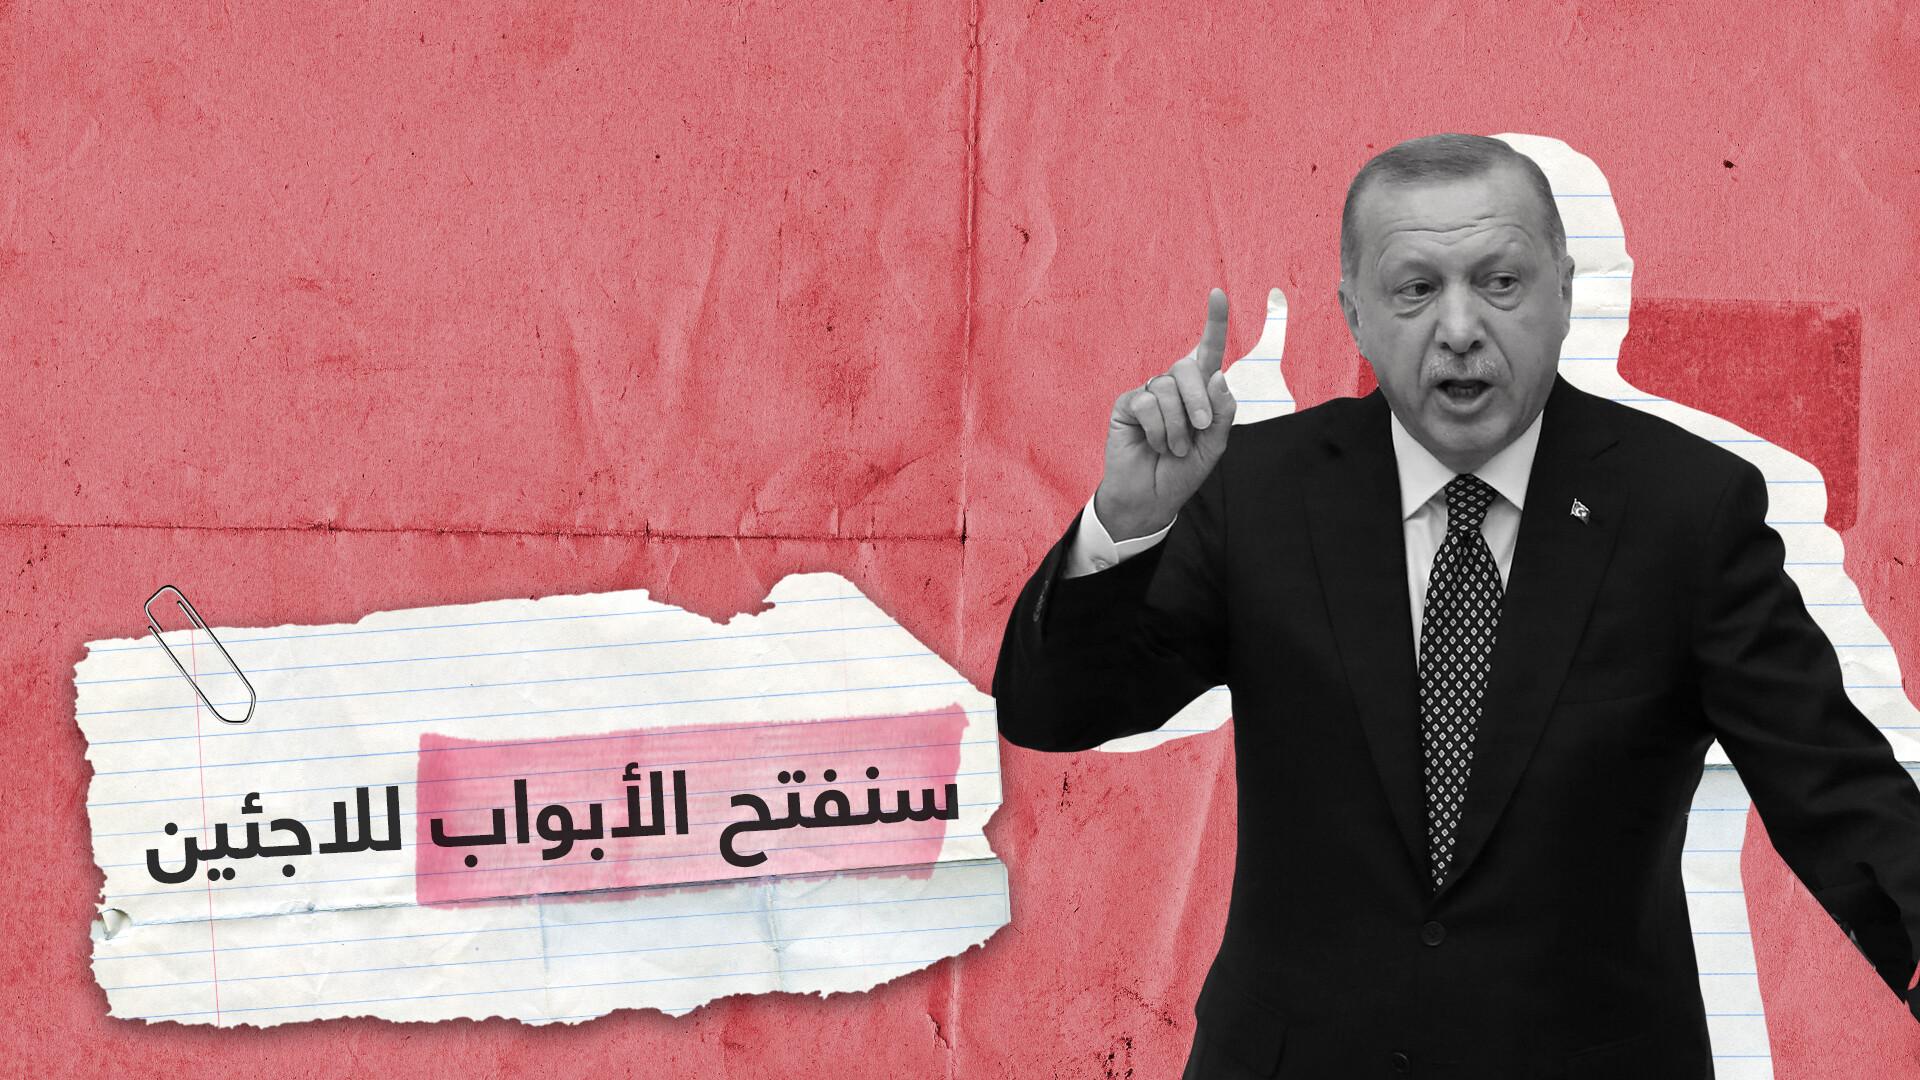 سنفتح لهم الأبواب.. أردوغان يهدد أوروبا باللاجئين